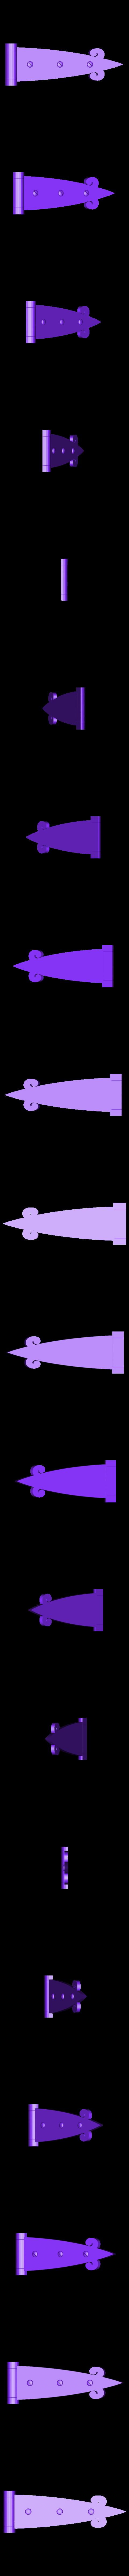 cardine.STL Télécharger fichier STL gratuit la poignée de porte - alice au pays des merveilles • Modèle pour impression 3D, sergioinglese